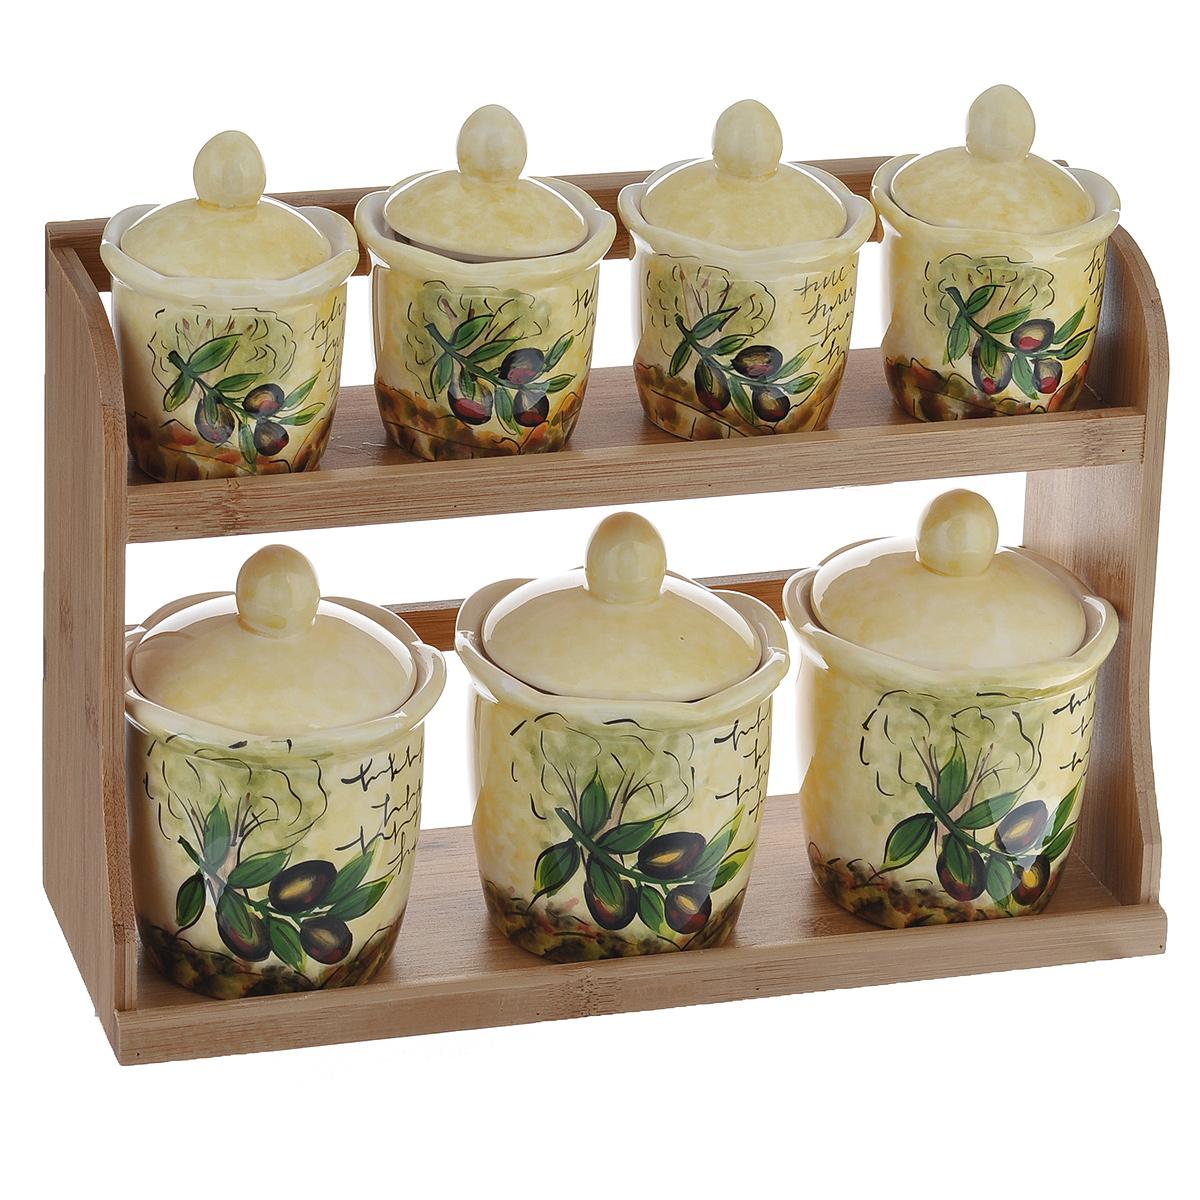 Набор банок для хранения сыпучих продуктов Маслины, 8 предметовDFC02064-02208 BO 3/SНабор Маслины состоит из трех больших банок, четырех маленьких банок и подставки. Предметы набора изготовлены из доломитовой керамики и декорированы изображением маслин. Изделия помещаются на удобную деревянную подставку. Оригинальный дизайн, эстетичность и функциональность набора позволят ему стать достойным дополнением к кухонному инвентарю. Можно мыть в посудомоечной машине на минимальной температуре. Диаметр основания большой емкости: 7 см. Высота большой емкости (без учета крышки): 9 см. Диаметр основания маленькой емкости: 5,5 см. Высота маленькой емкости (без учета крышки): 6,5 см. Размер подставки: 31,5 см х 11 см х 20,5 см.